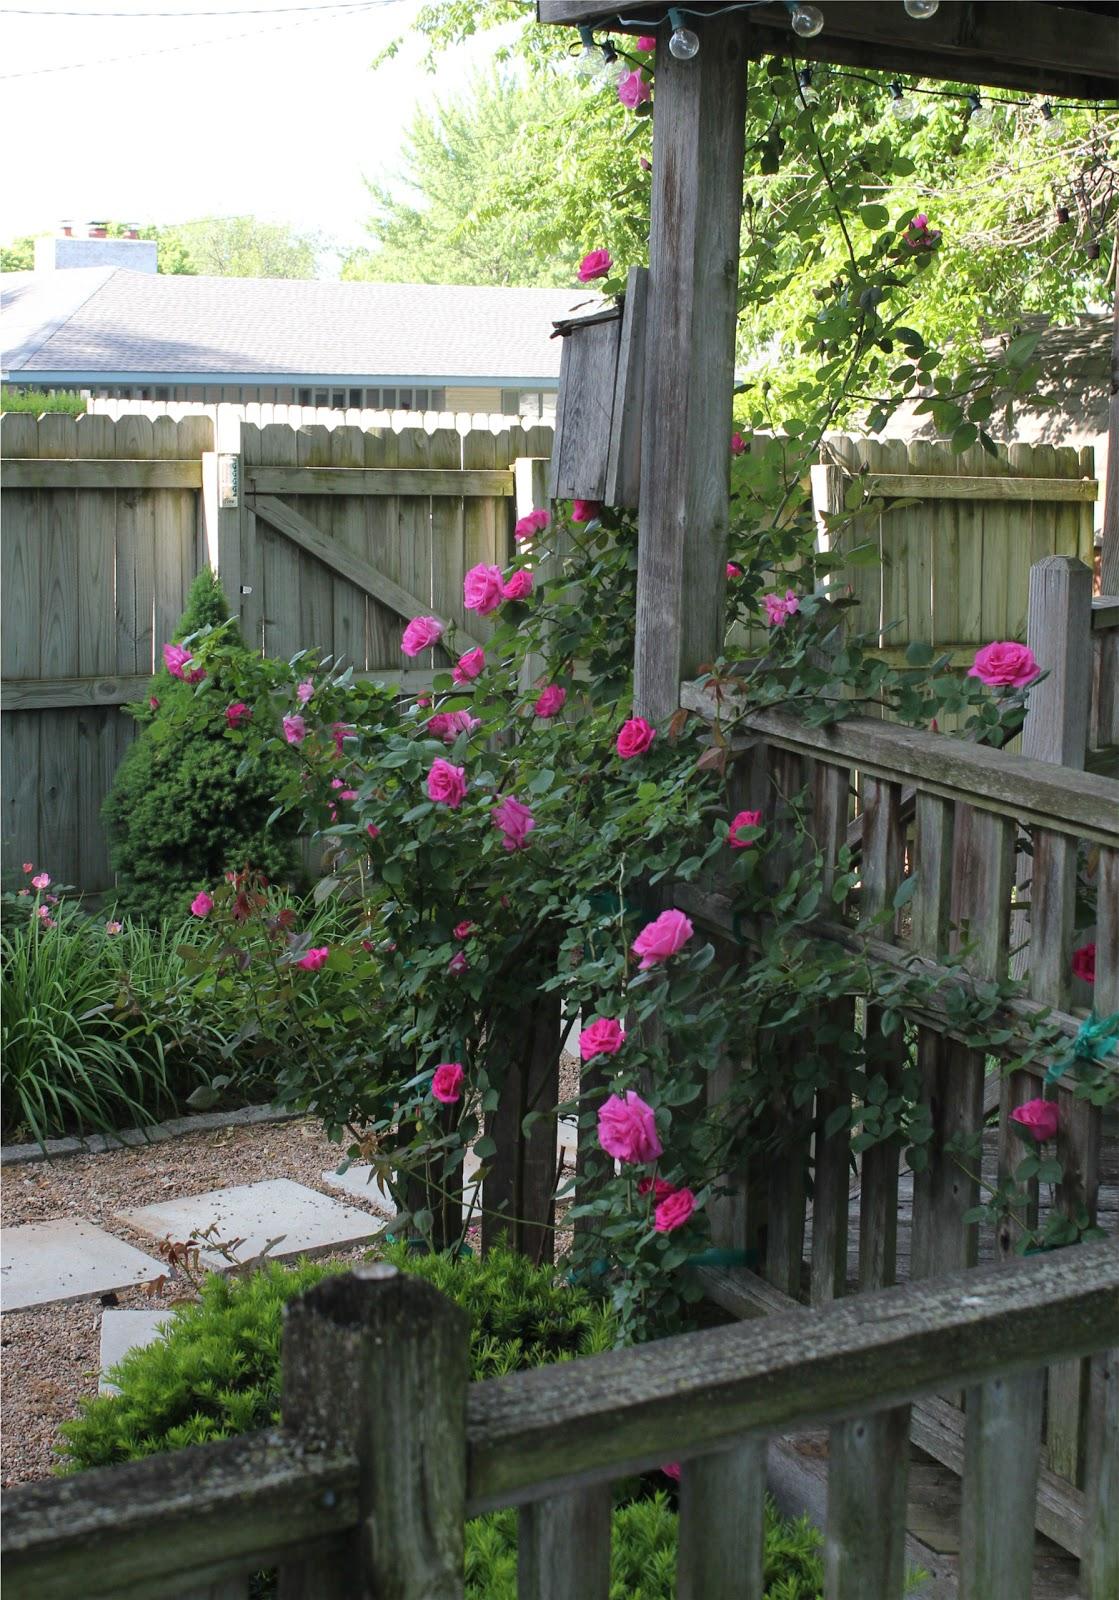 My Secret Garden: Catherine Holman Folk Art: My Secret Garden